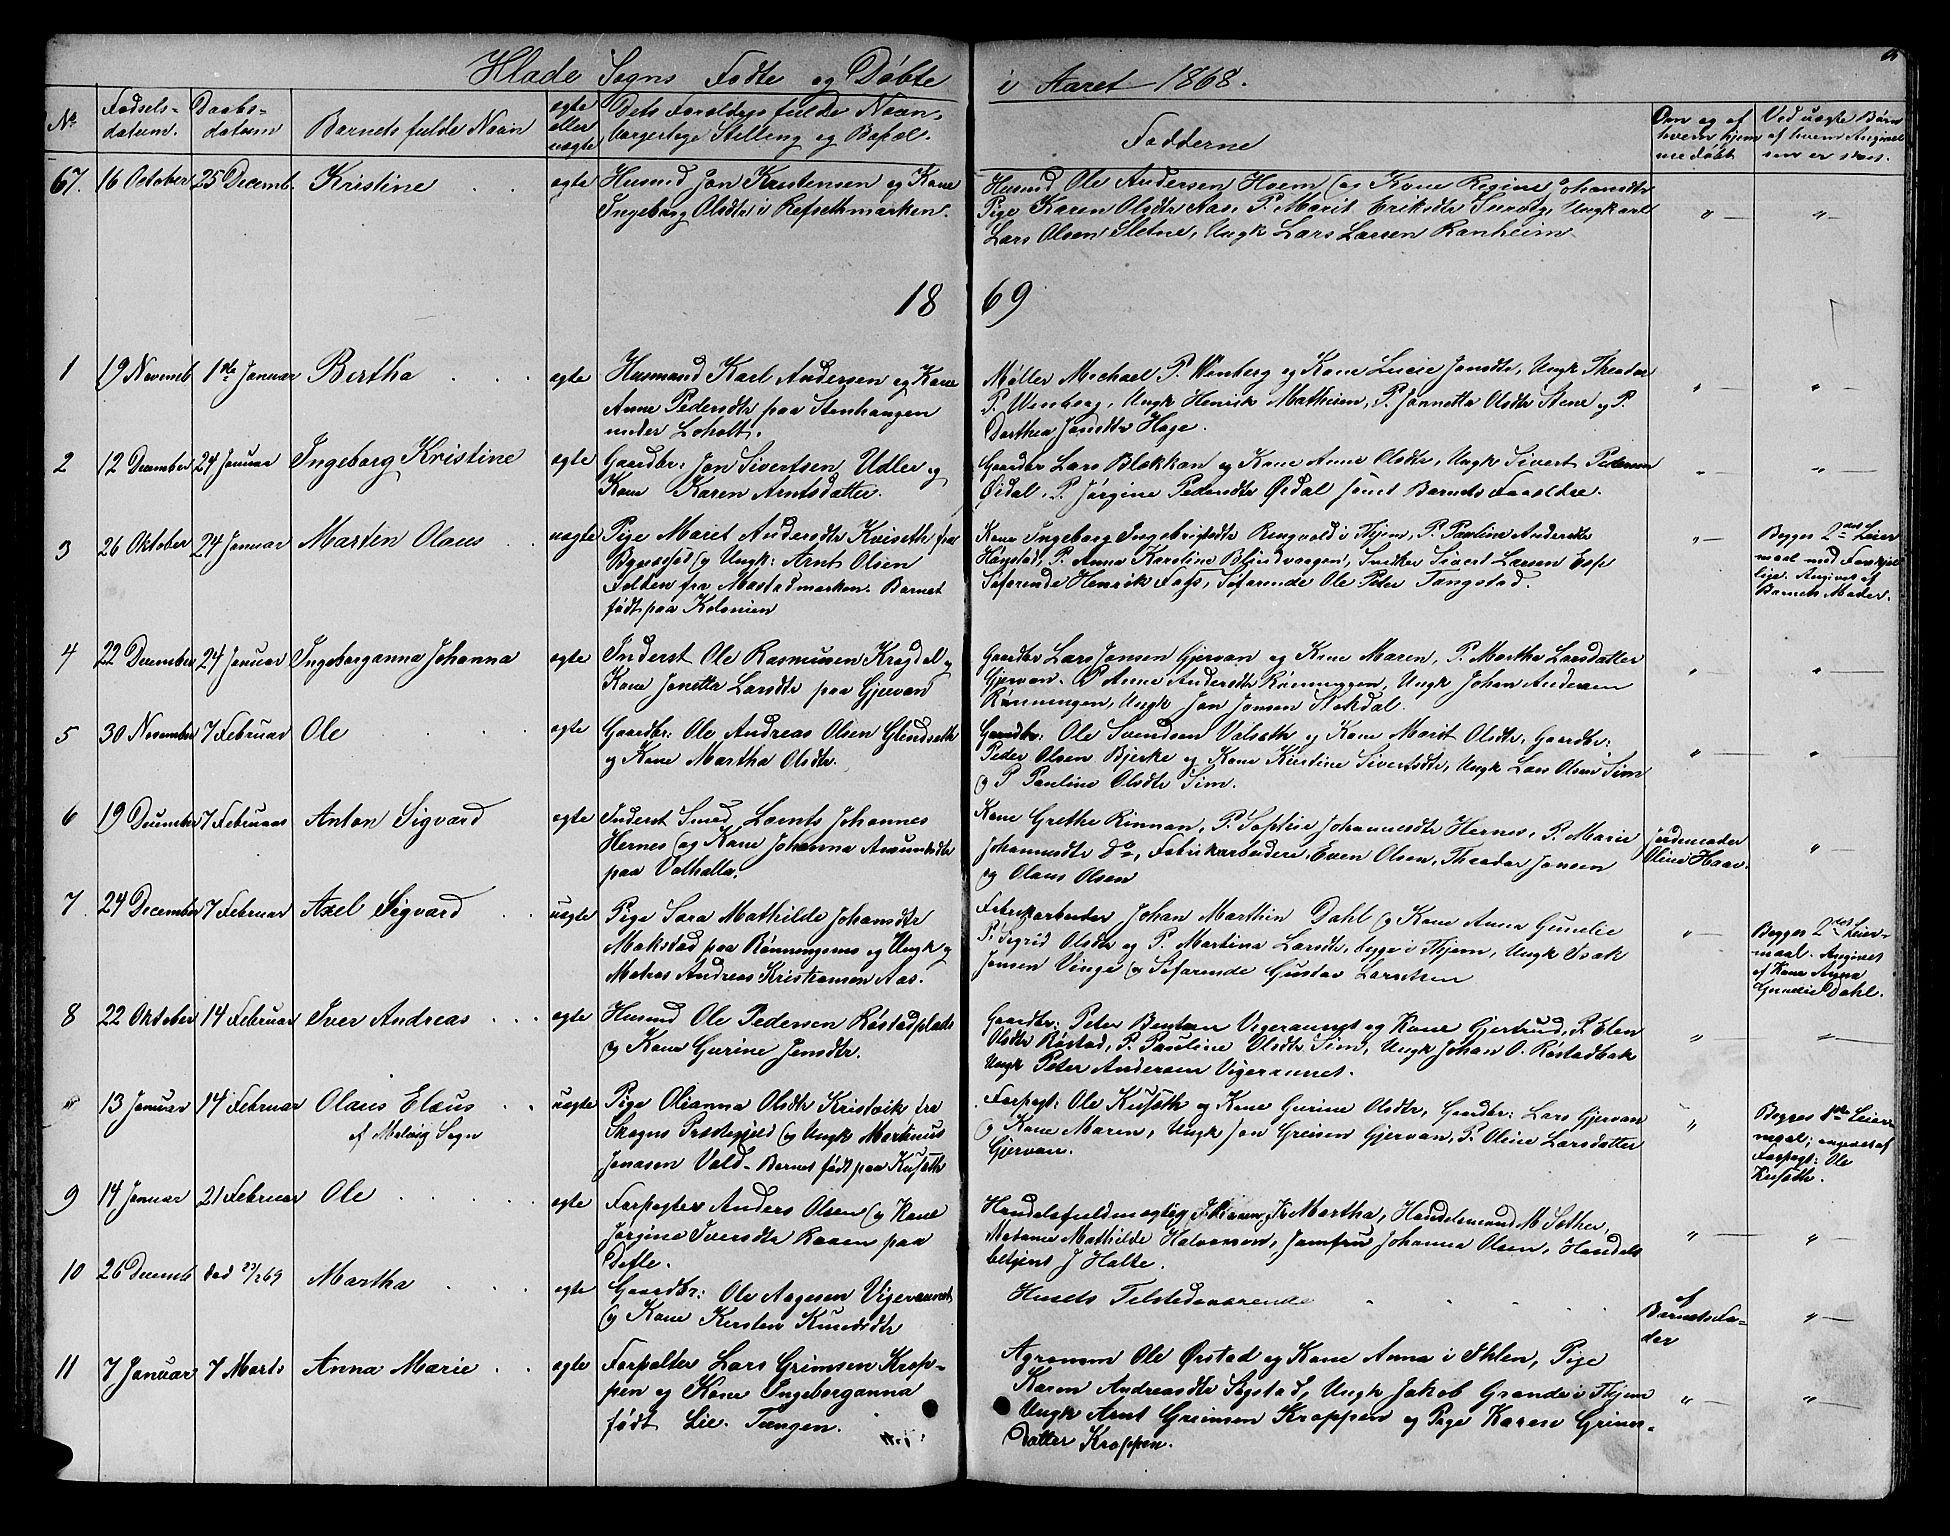 SAT, Ministerialprotokoller, klokkerbøker og fødselsregistre - Sør-Trøndelag, 606/L0311: Klokkerbok nr. 606C07, 1860-1877, s. 64